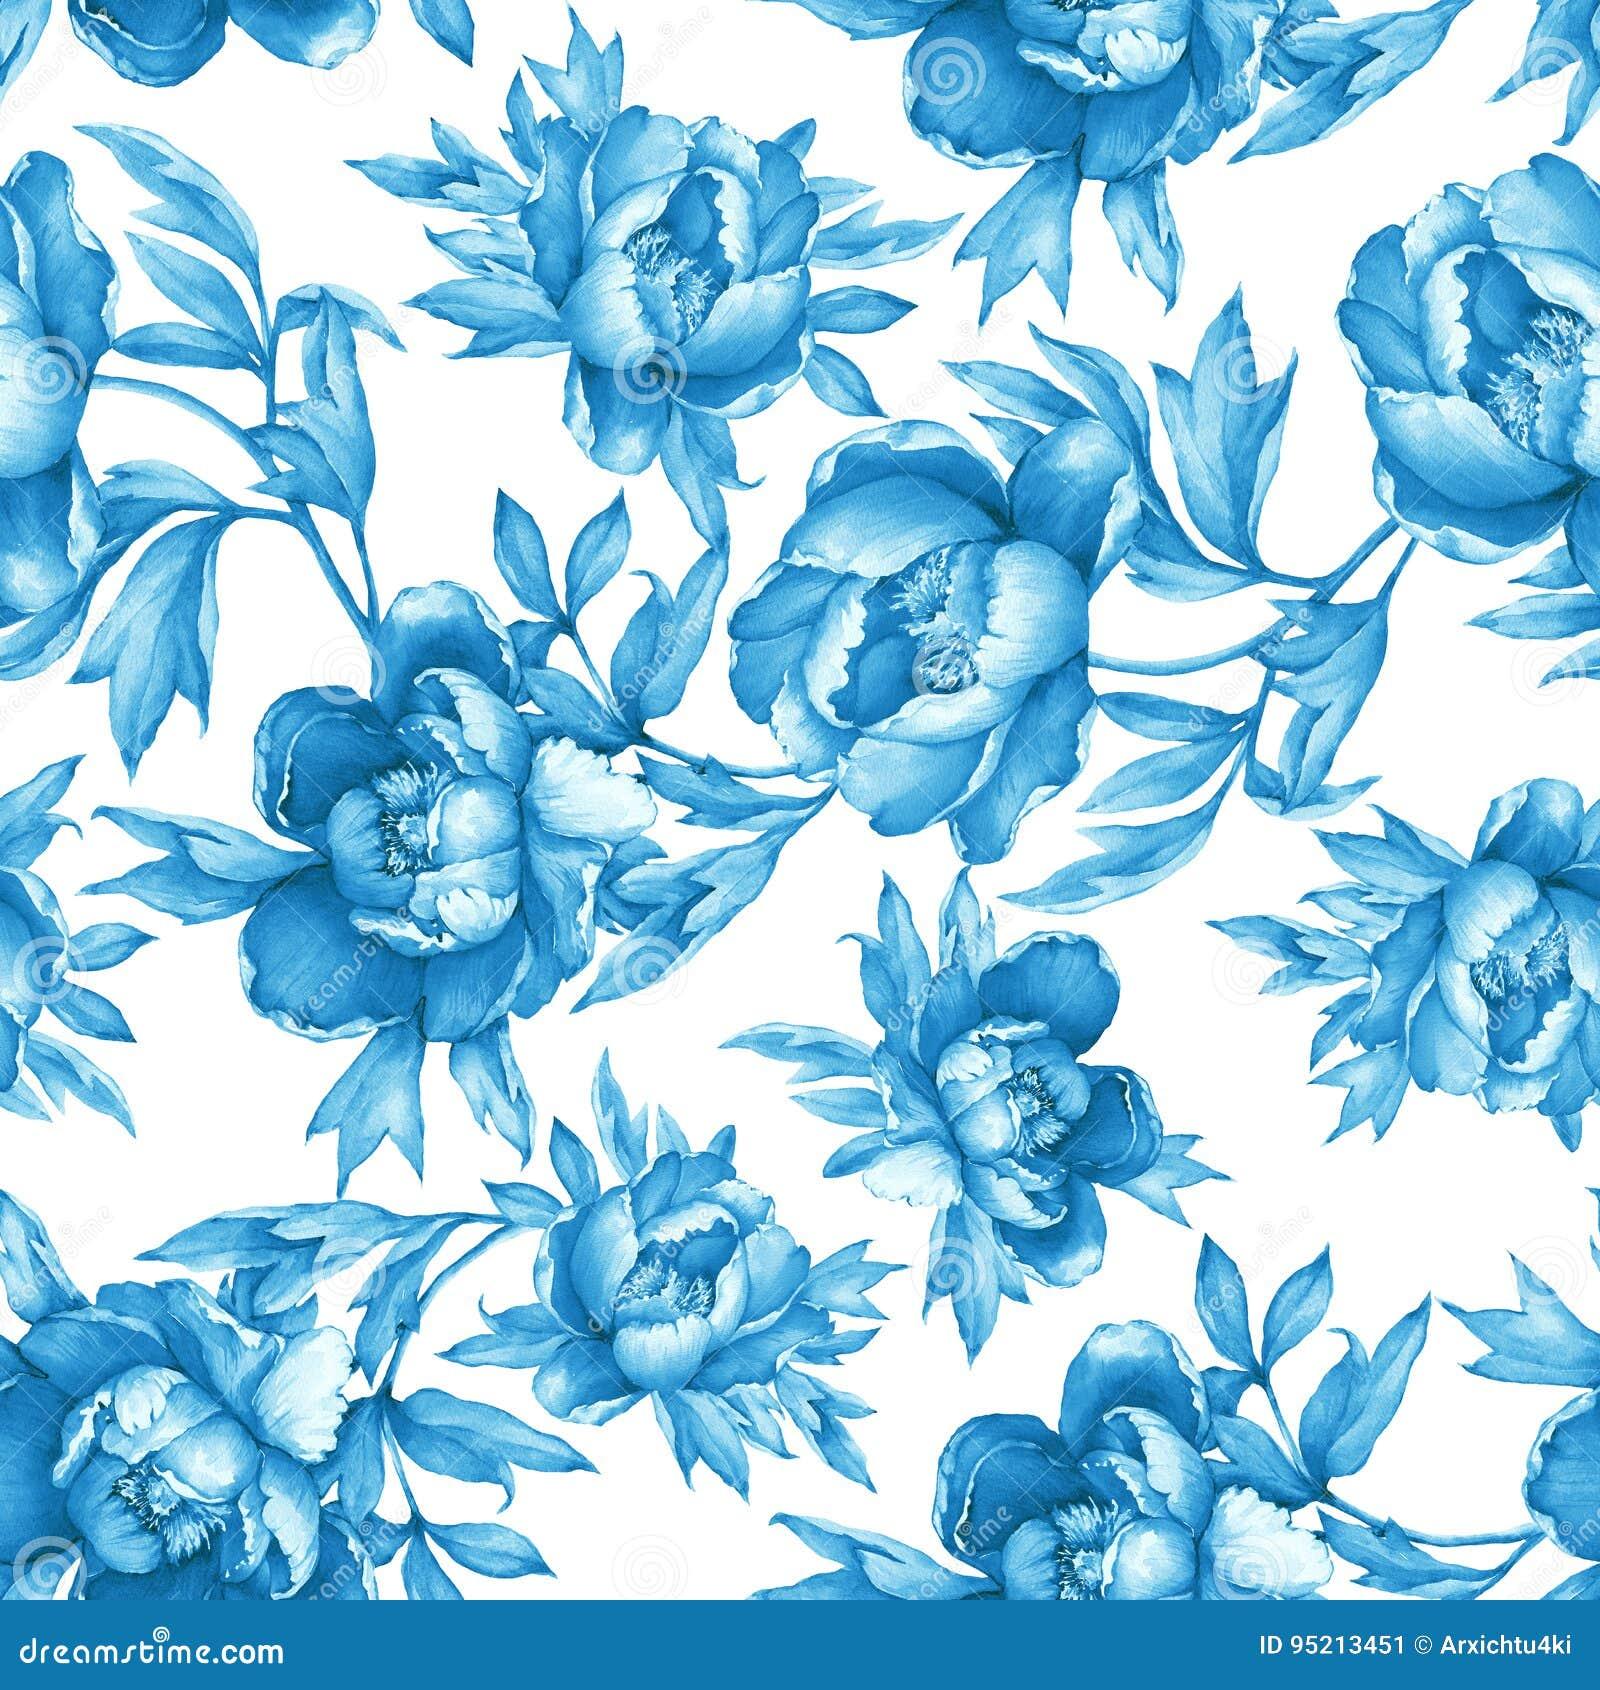 Εκλεκτής ποιότητας floral άνευ ραφής μπλε μονοχρωματικό σχέδιο με το άνθισμα peonies, στο άσπρο υπόβαθρο